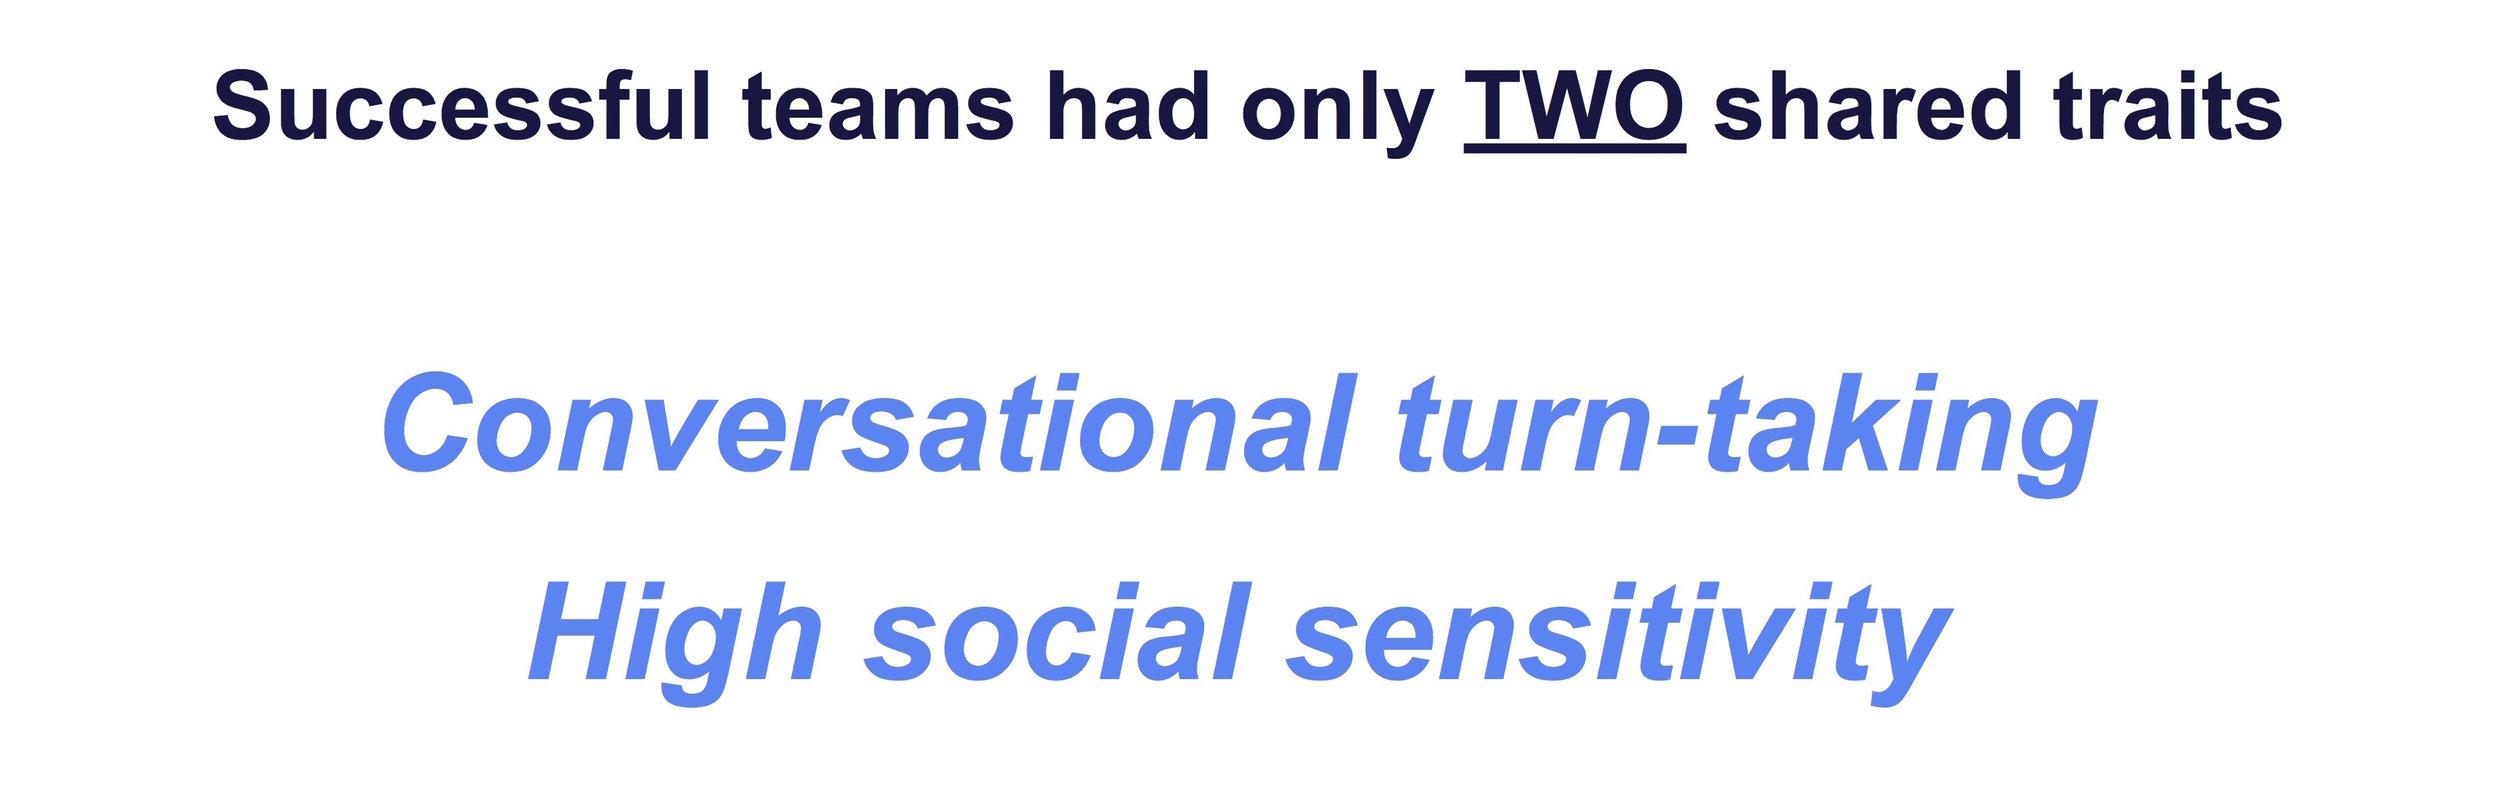 two-shared-traits-slide.jpg